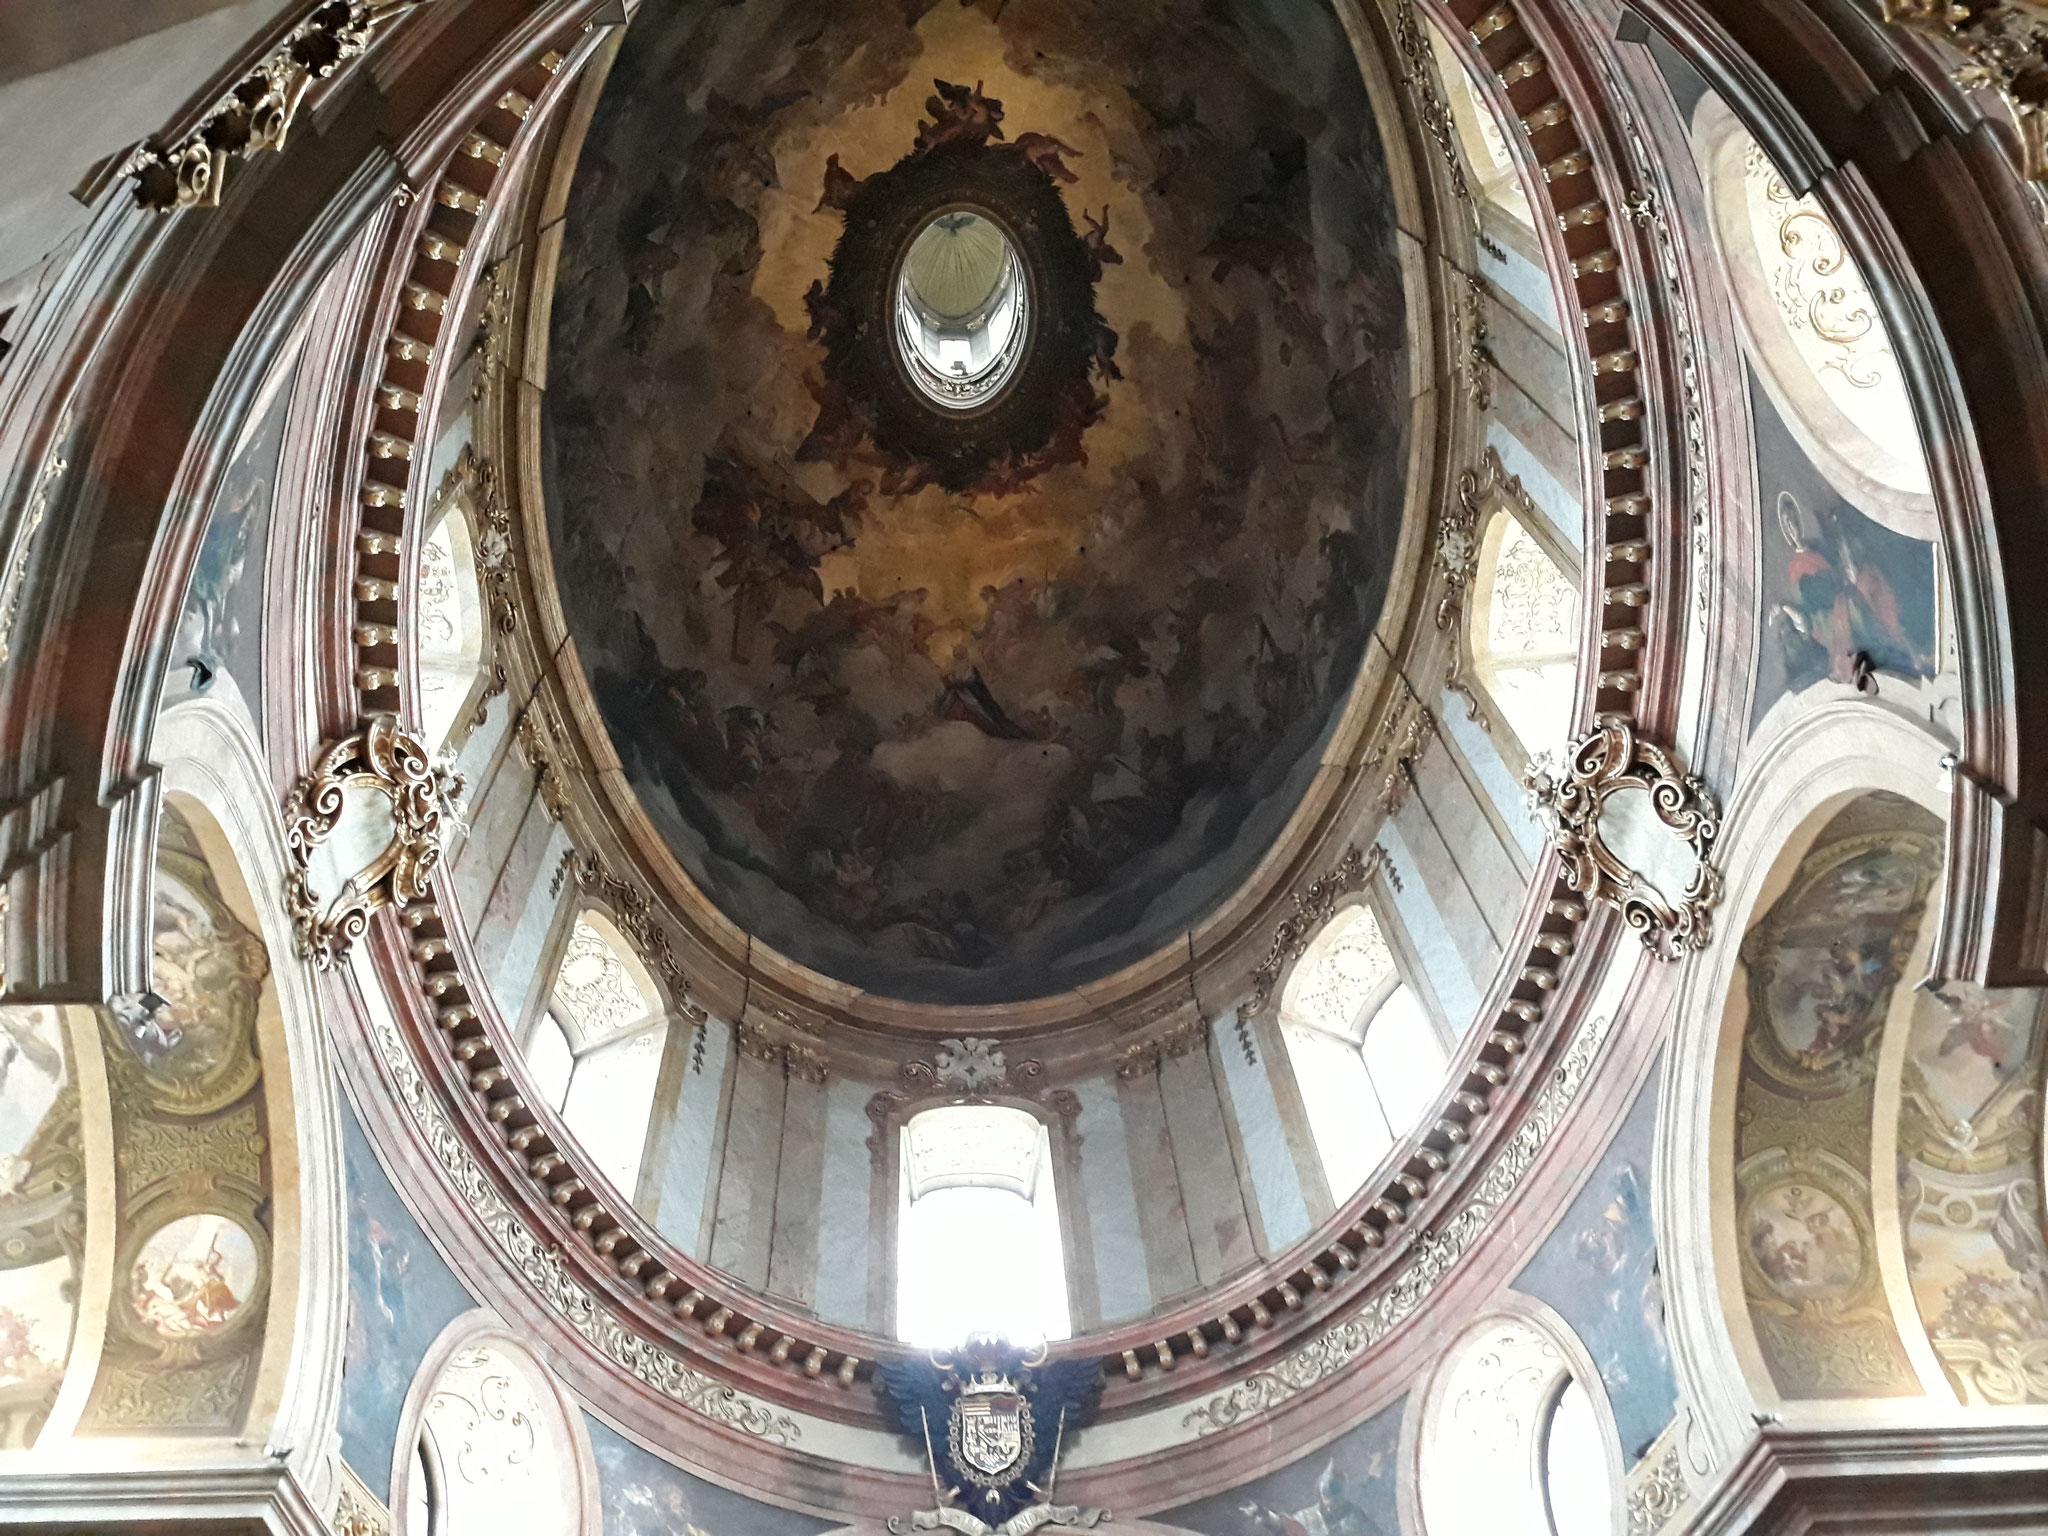 Kuppelfresko in Peterskirche